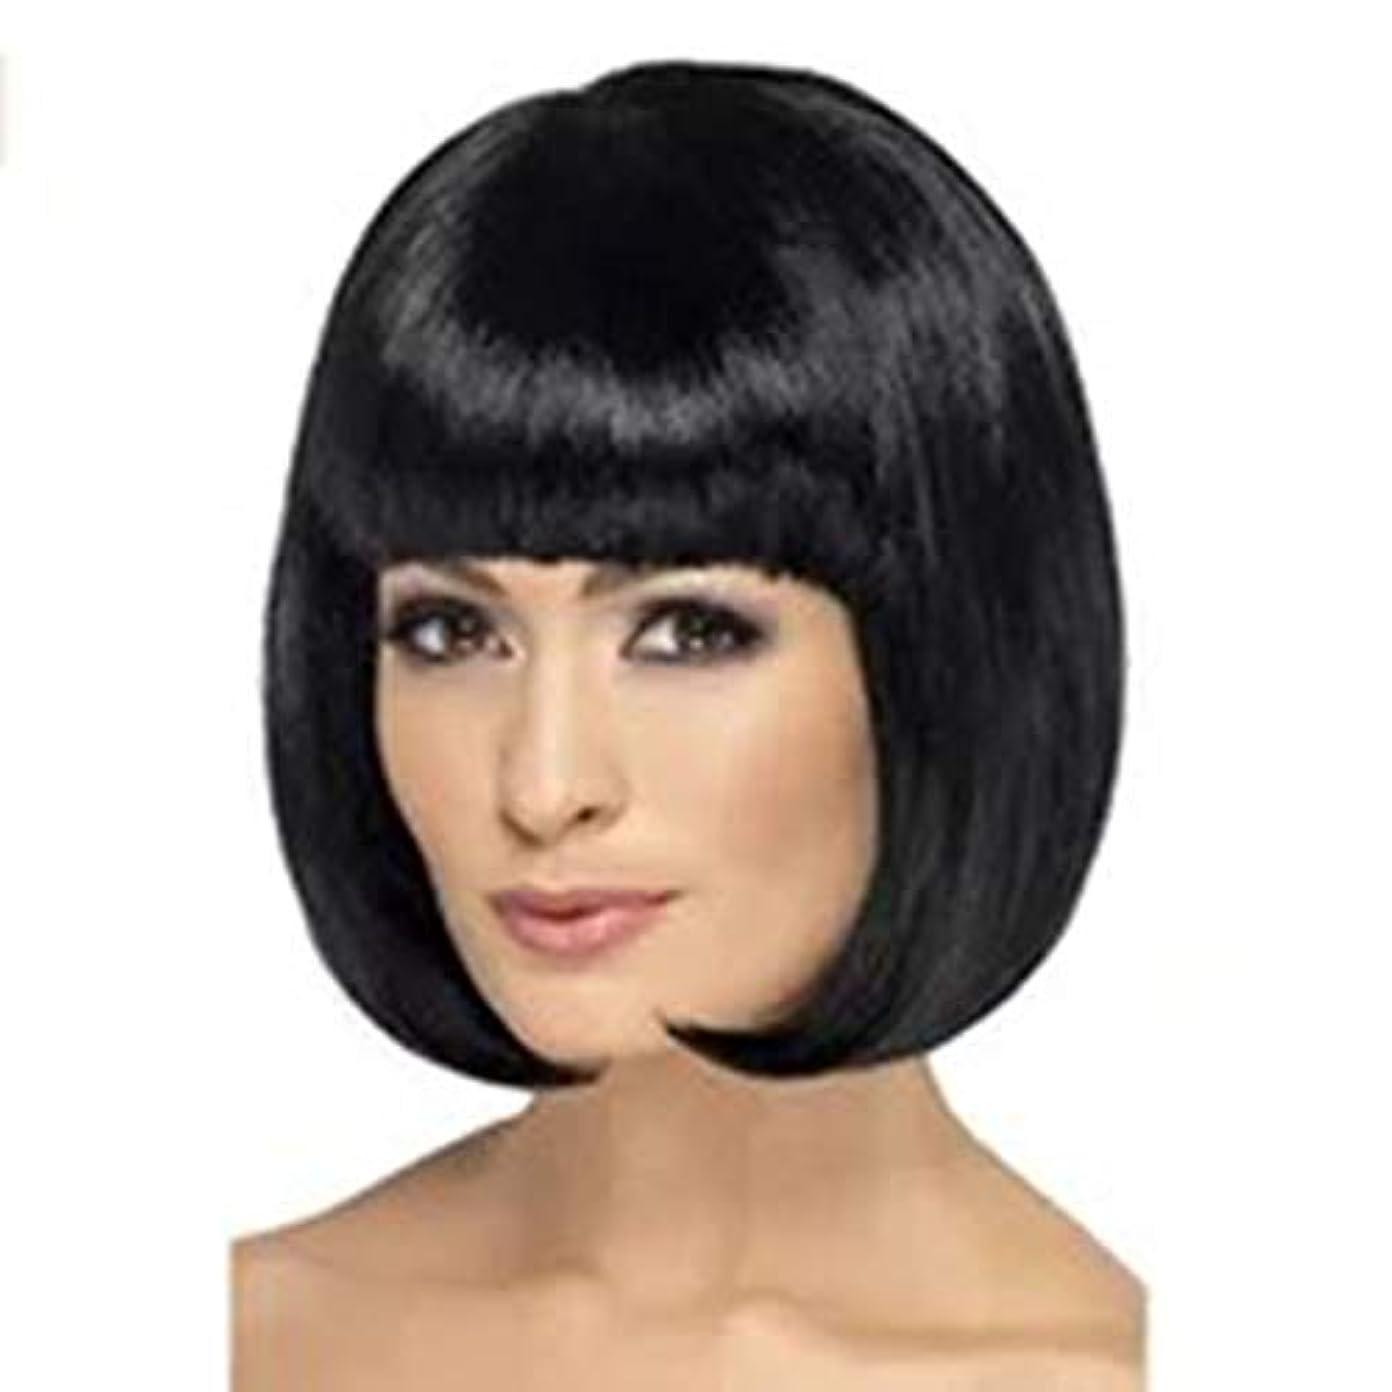 サーキットに行く必要条件教Kerwinner ボブかつら女性のための平らな前髪ふわふわ自然耐熱交換かつら完全な合成かつら